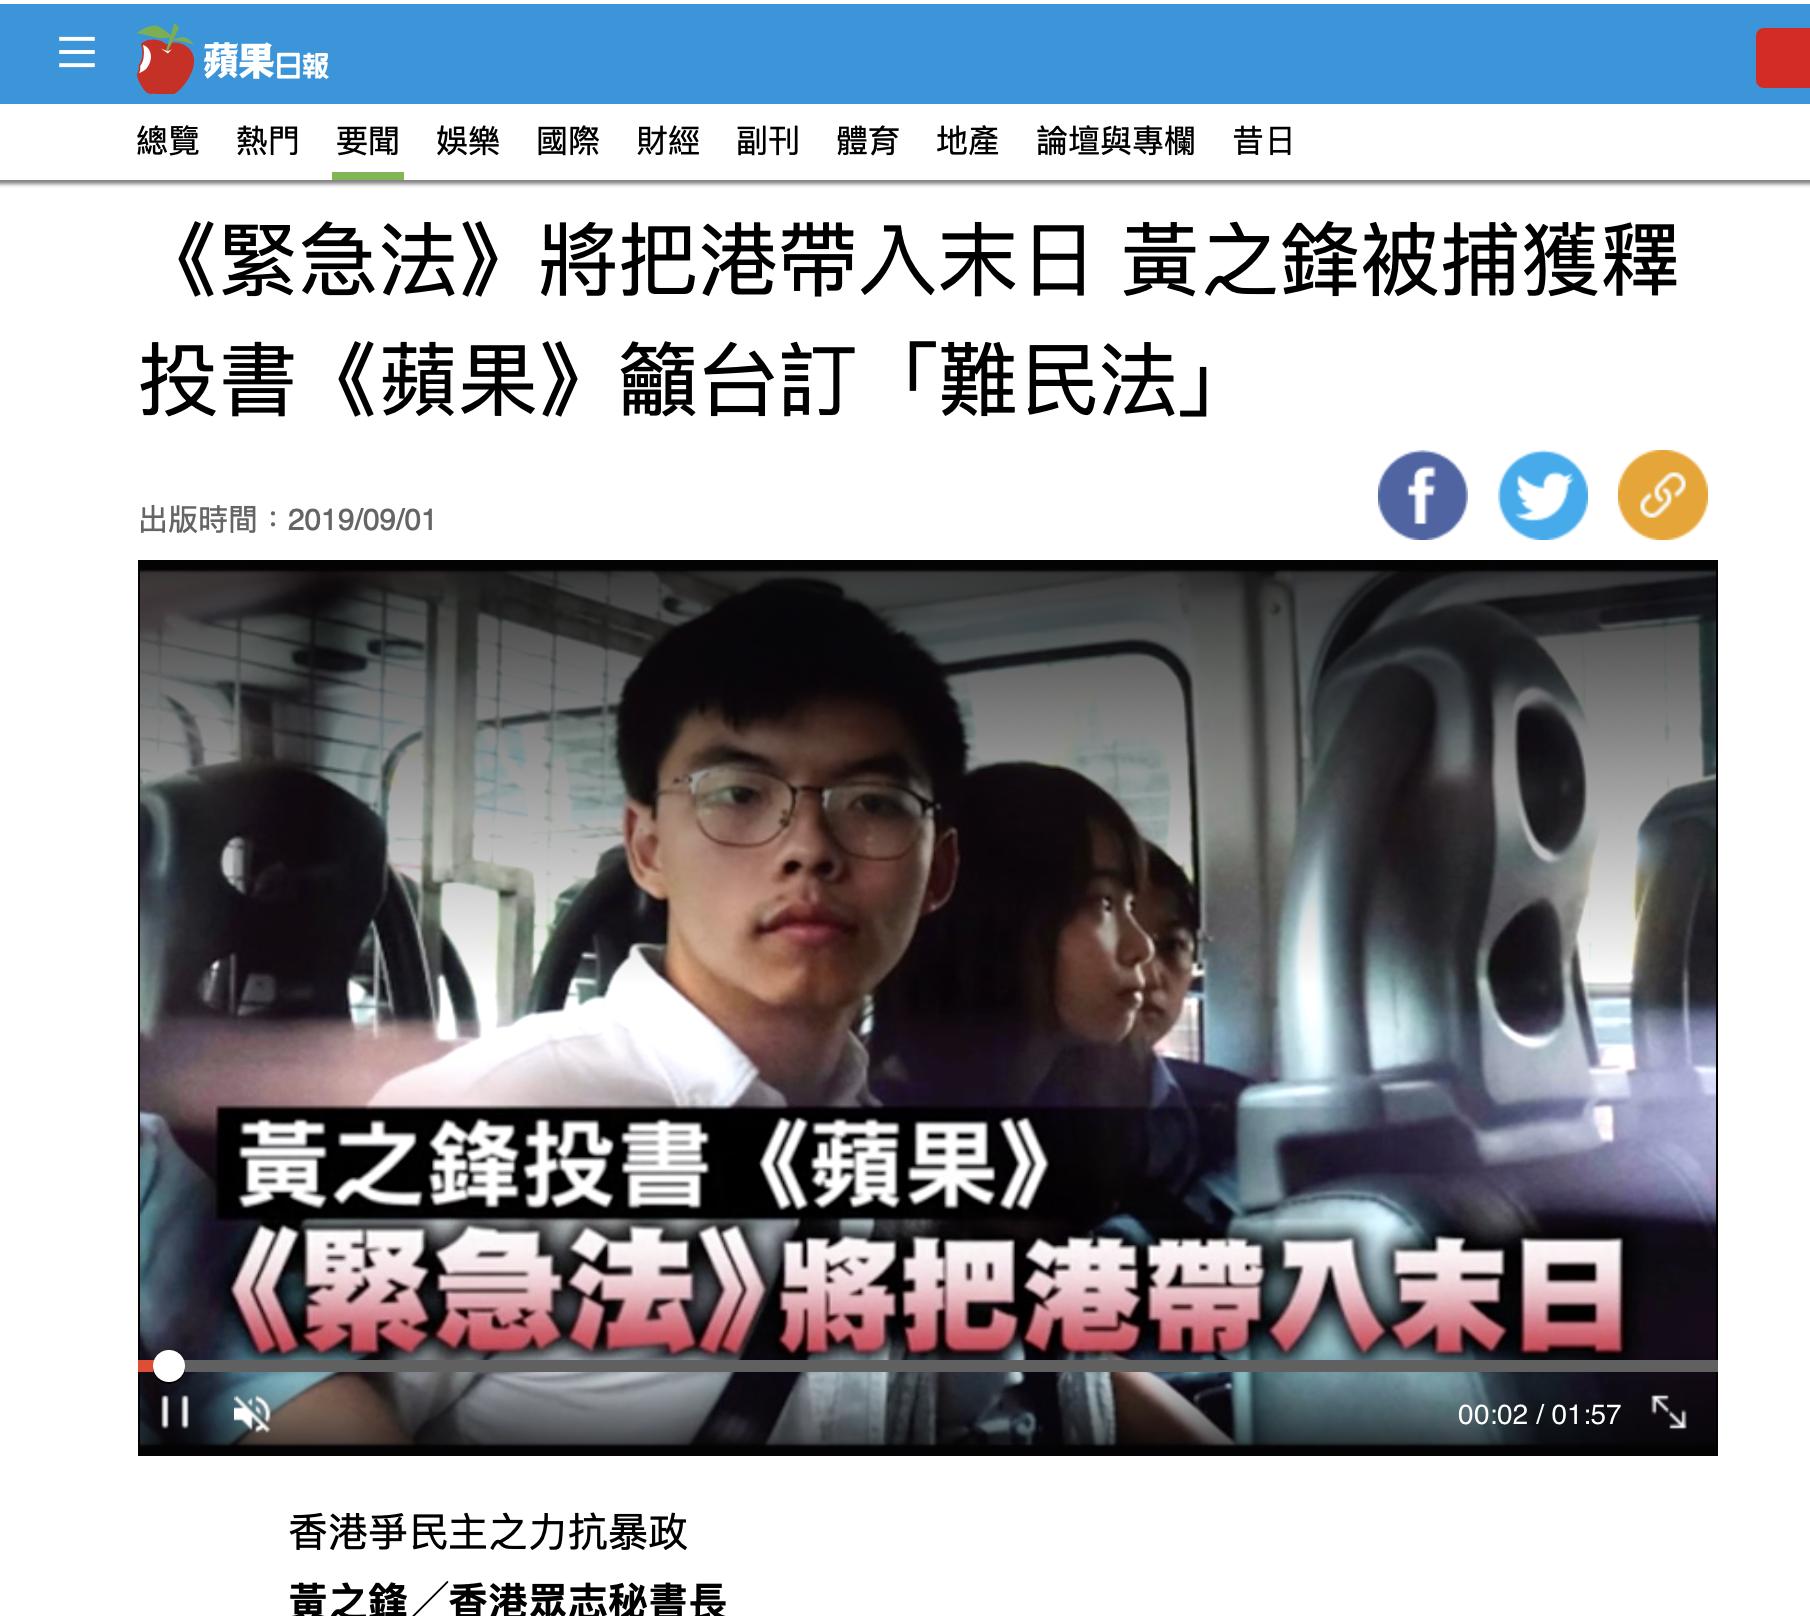 黄之锋获释后,台湾苹果日报9月1日刊登其投书呼吁台湾尽快通过难民法,庇护港人。(台湾苹果新闻网截图)